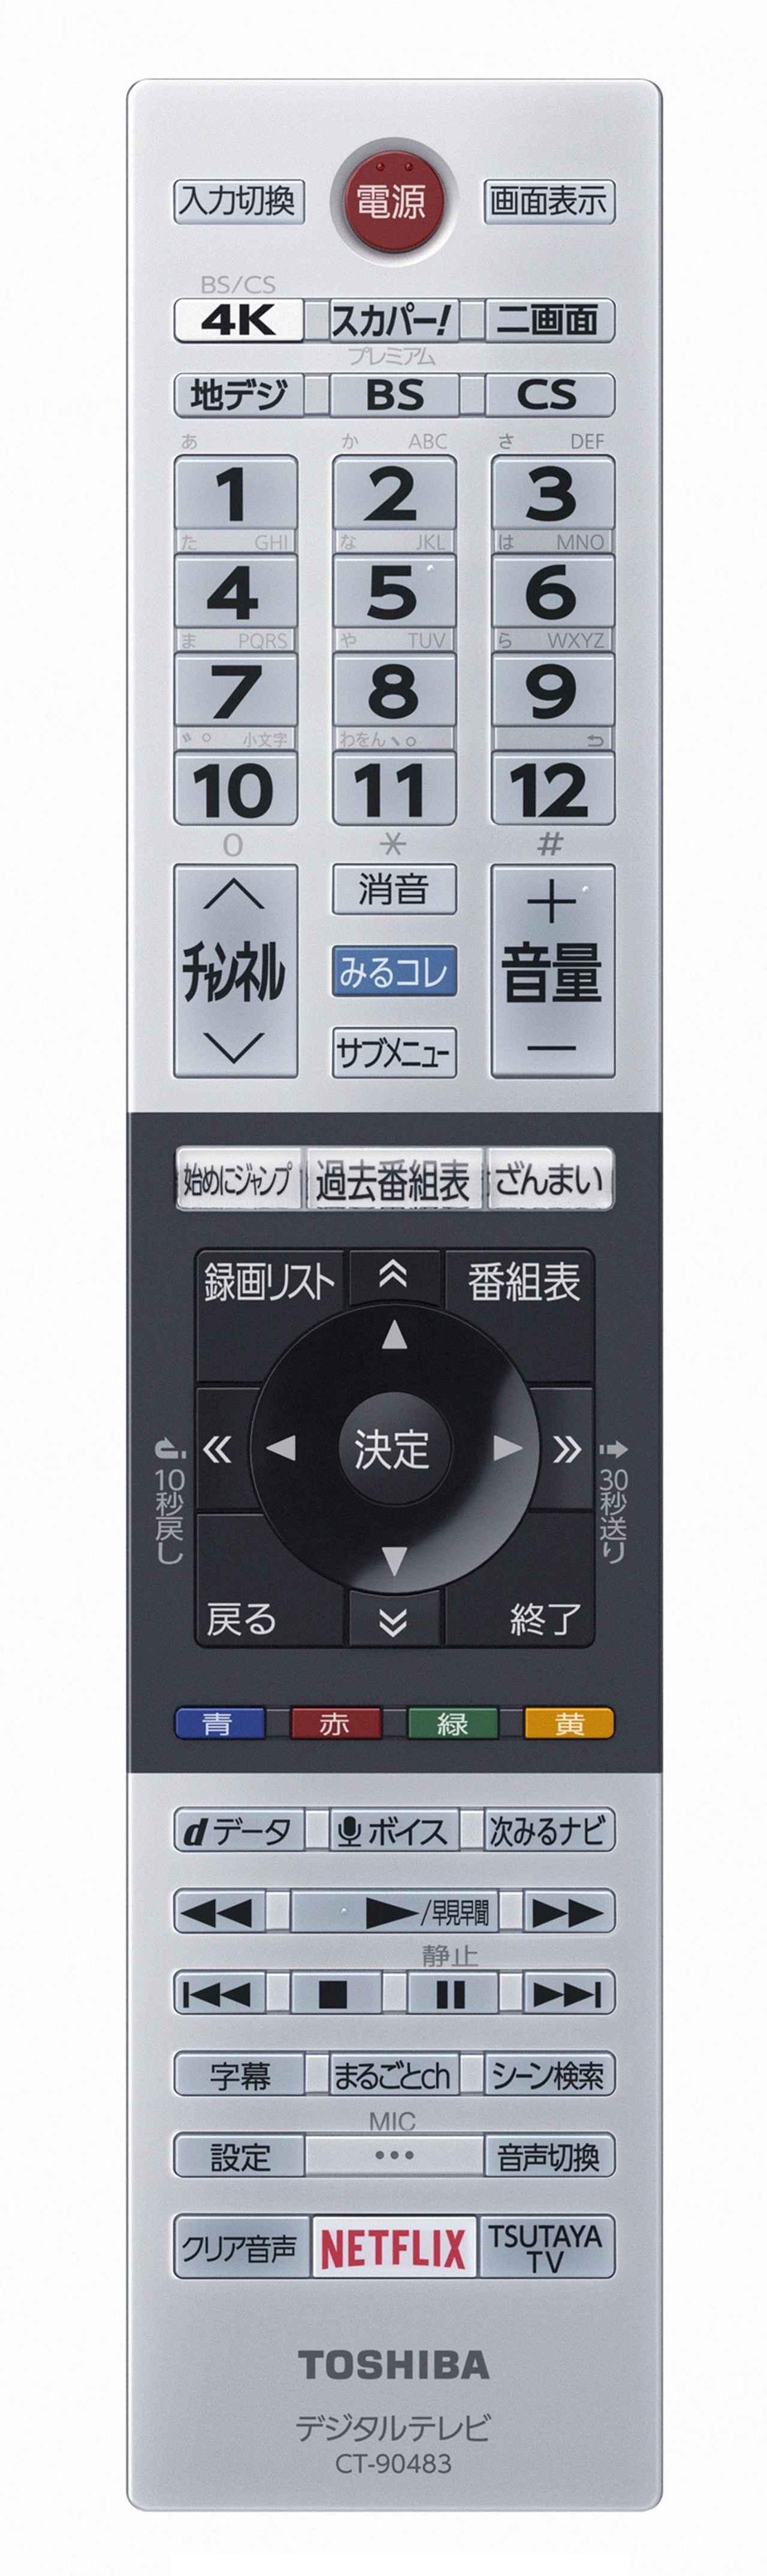 画像: リモコンのボタン配置が変更され、左上の目立つ位置に「4K」ボタンが置かれている。東芝のテレビで4K放送を楽しんで欲しいという開発陣の願いが強く感じられる